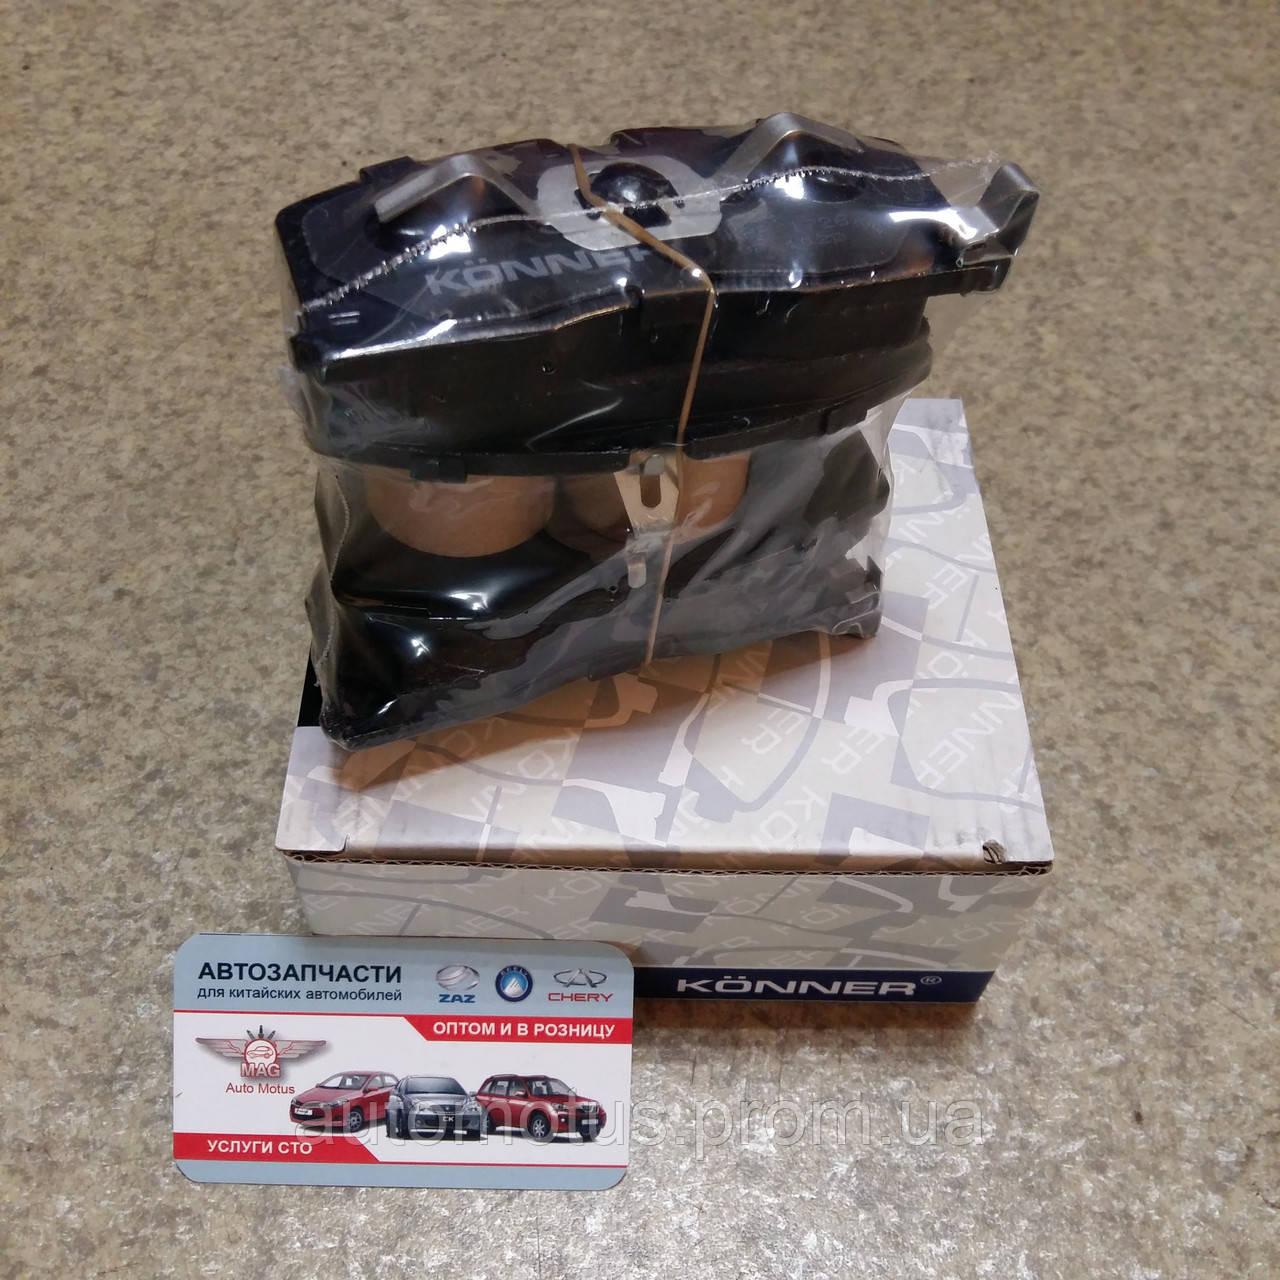 Колодки тормозные передние с ABS Konner 3501190005 СК/CK2